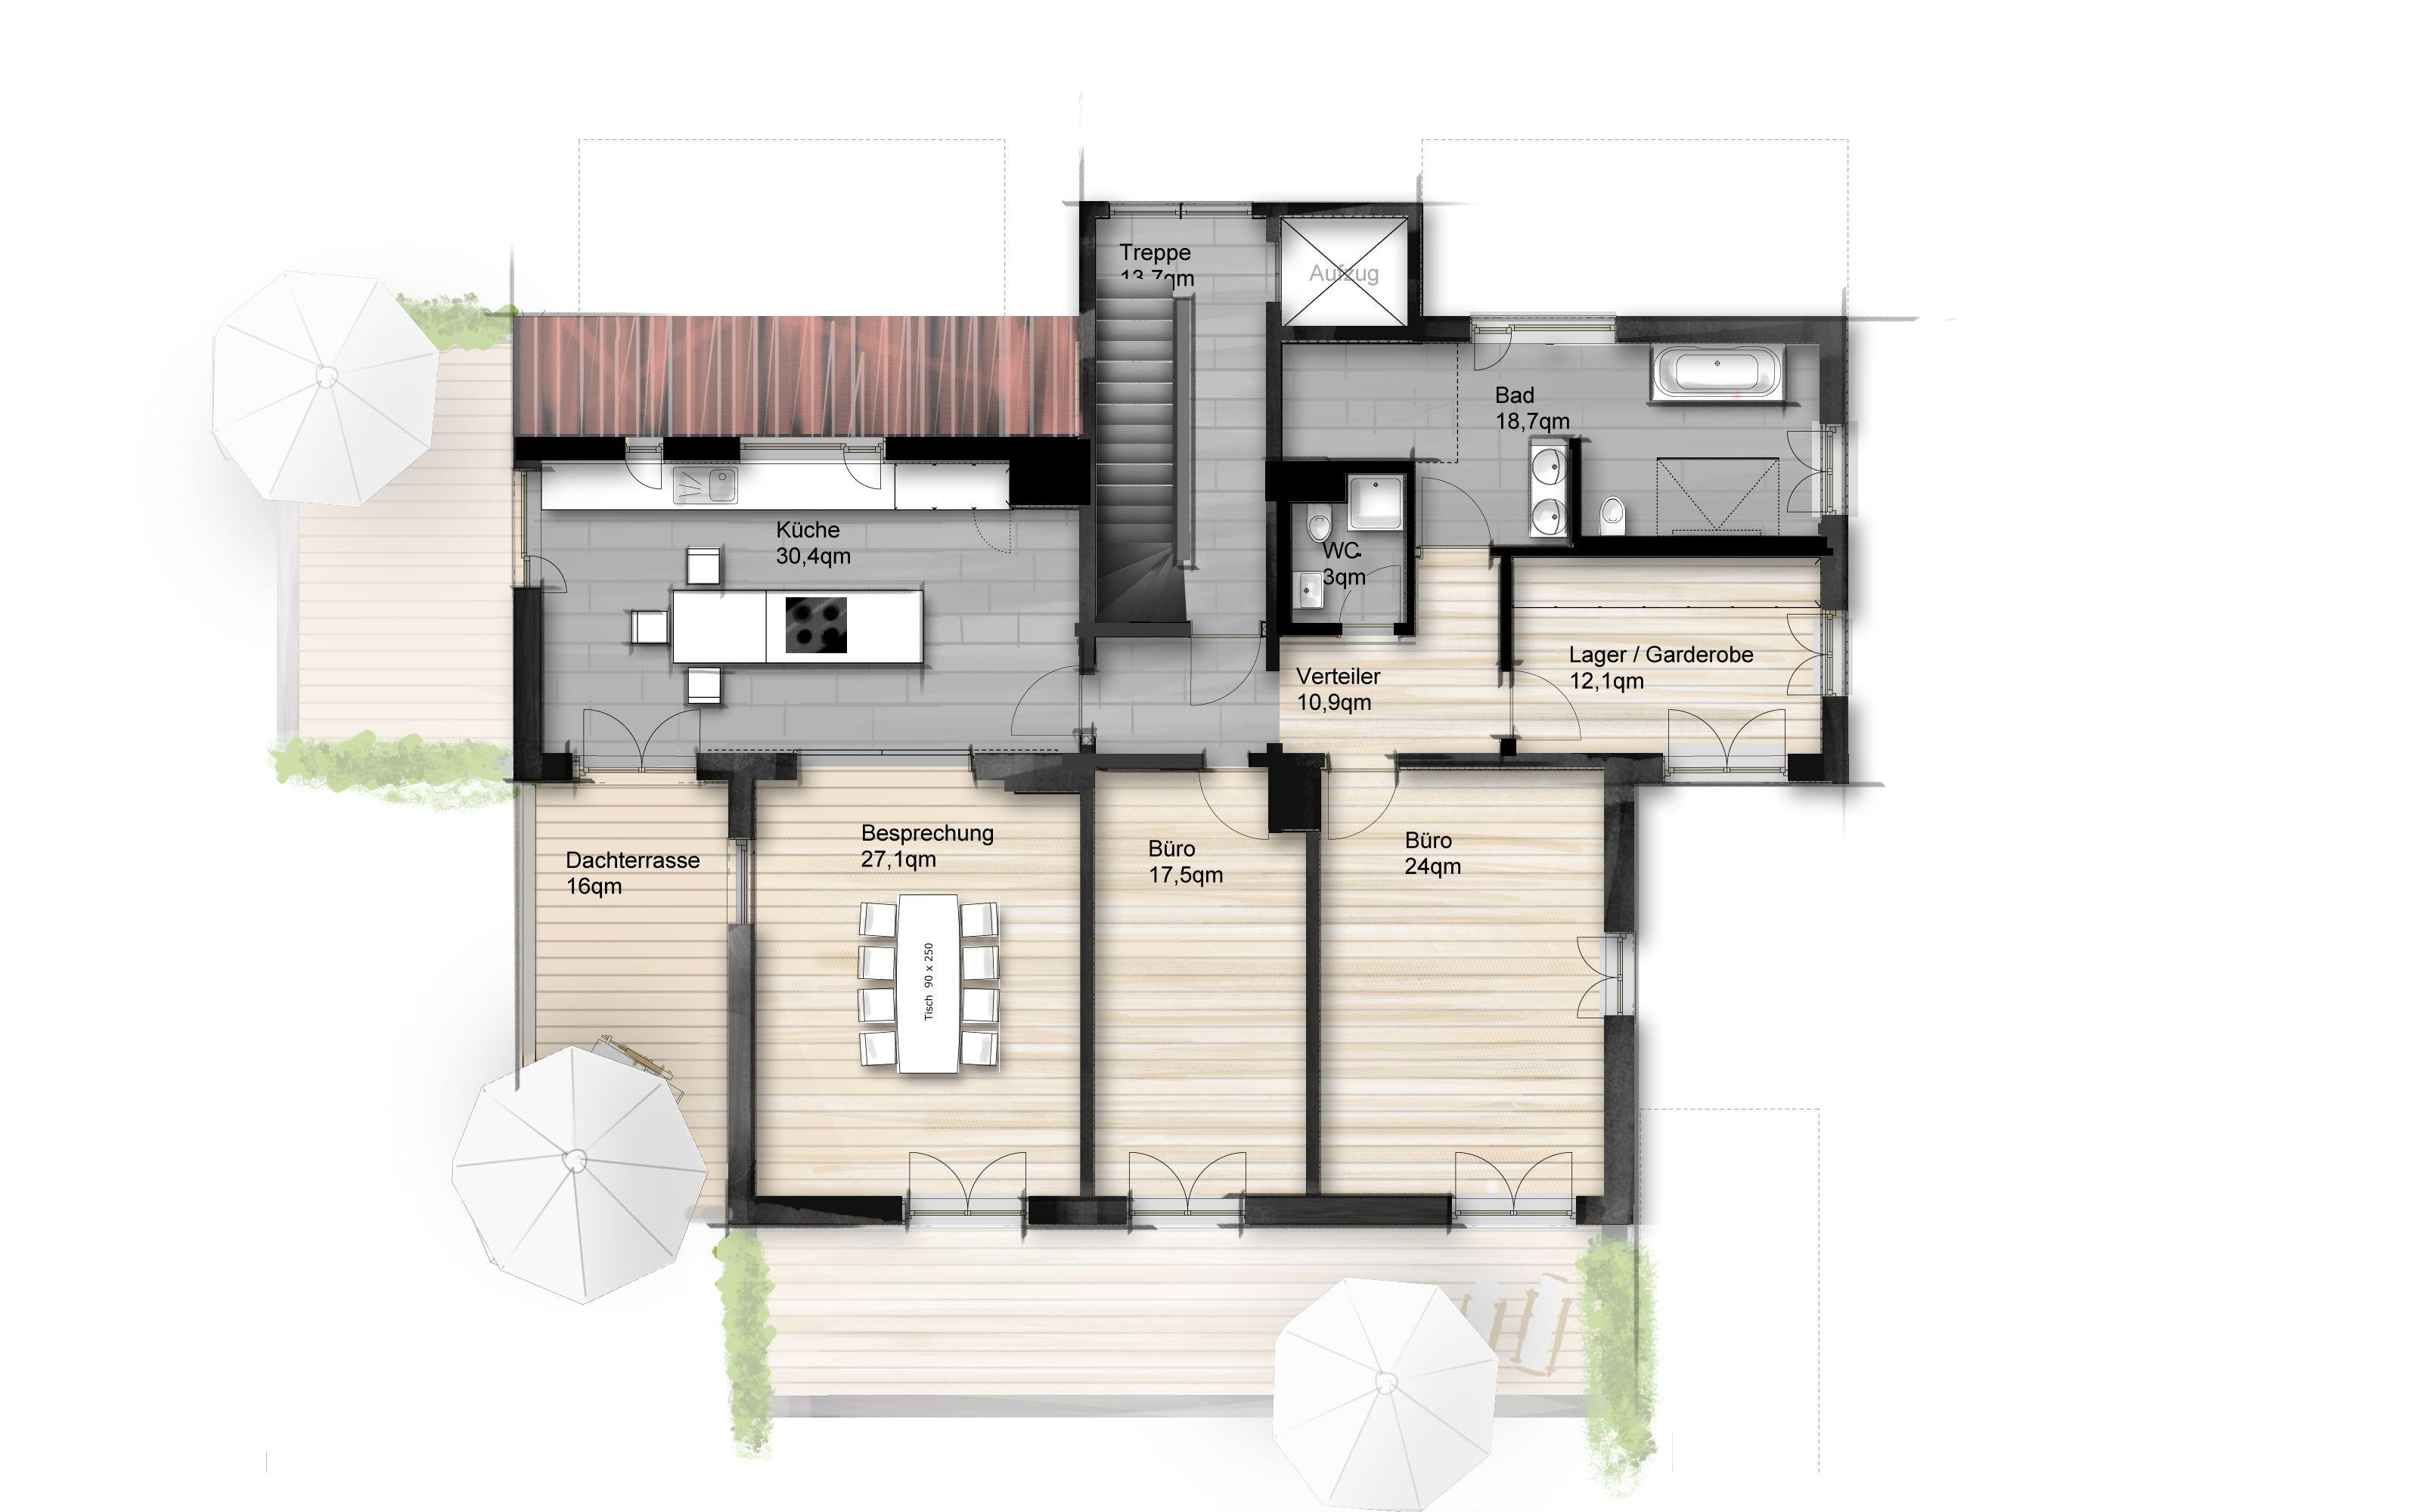 Wohnung Grundriss, kolorierter Grundriss, Baugrundriss